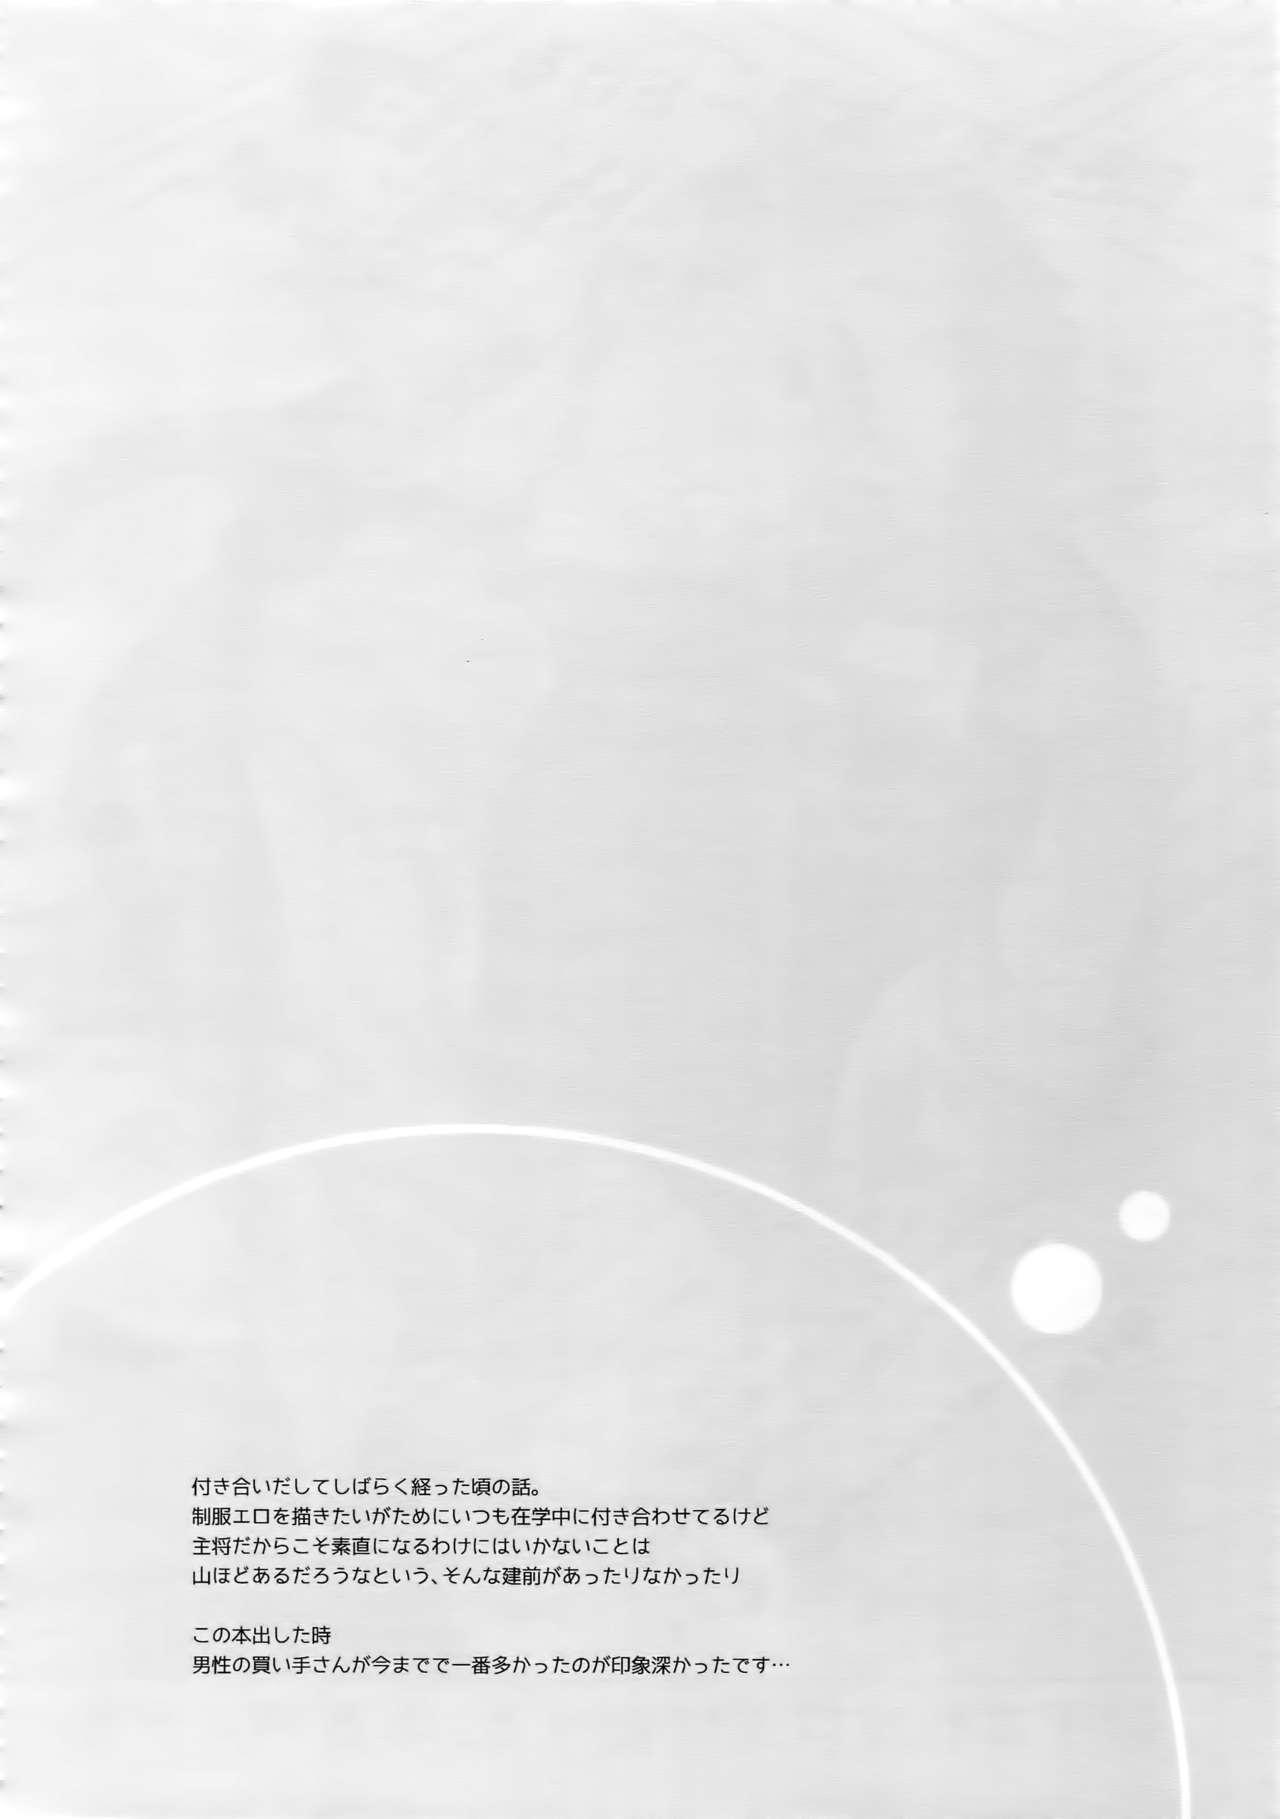 [Bakuchi Jinsei SP (Satsuki Fumi)] Kanpeki Kareshi to Zettai Ryouiki Ouji-sama - Another Version - (Kuroko no Basket) 86